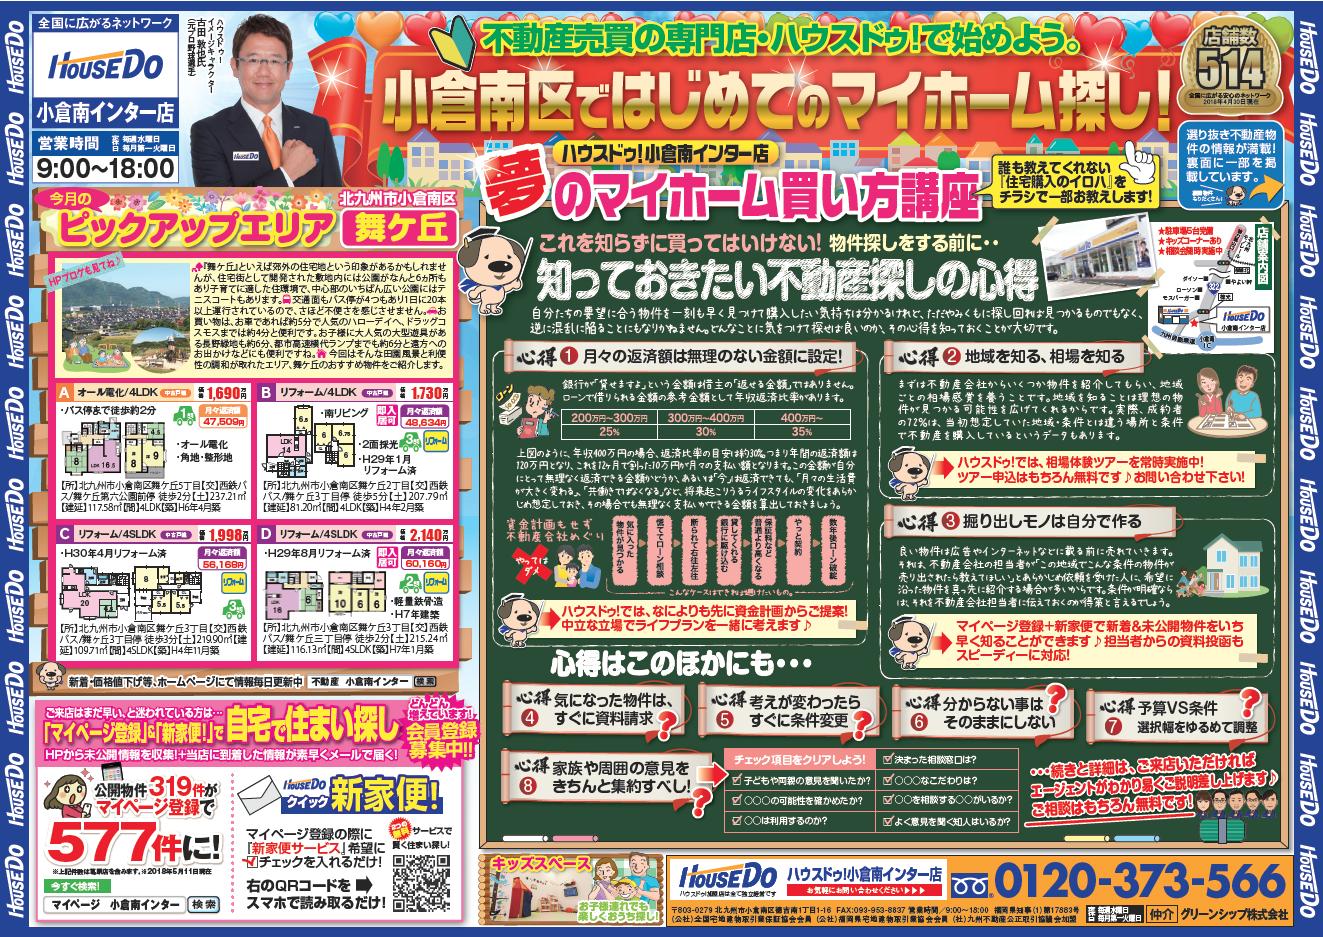 ◆2018年5月号◆ハウスドゥ!小倉南インター店不動産チラシ